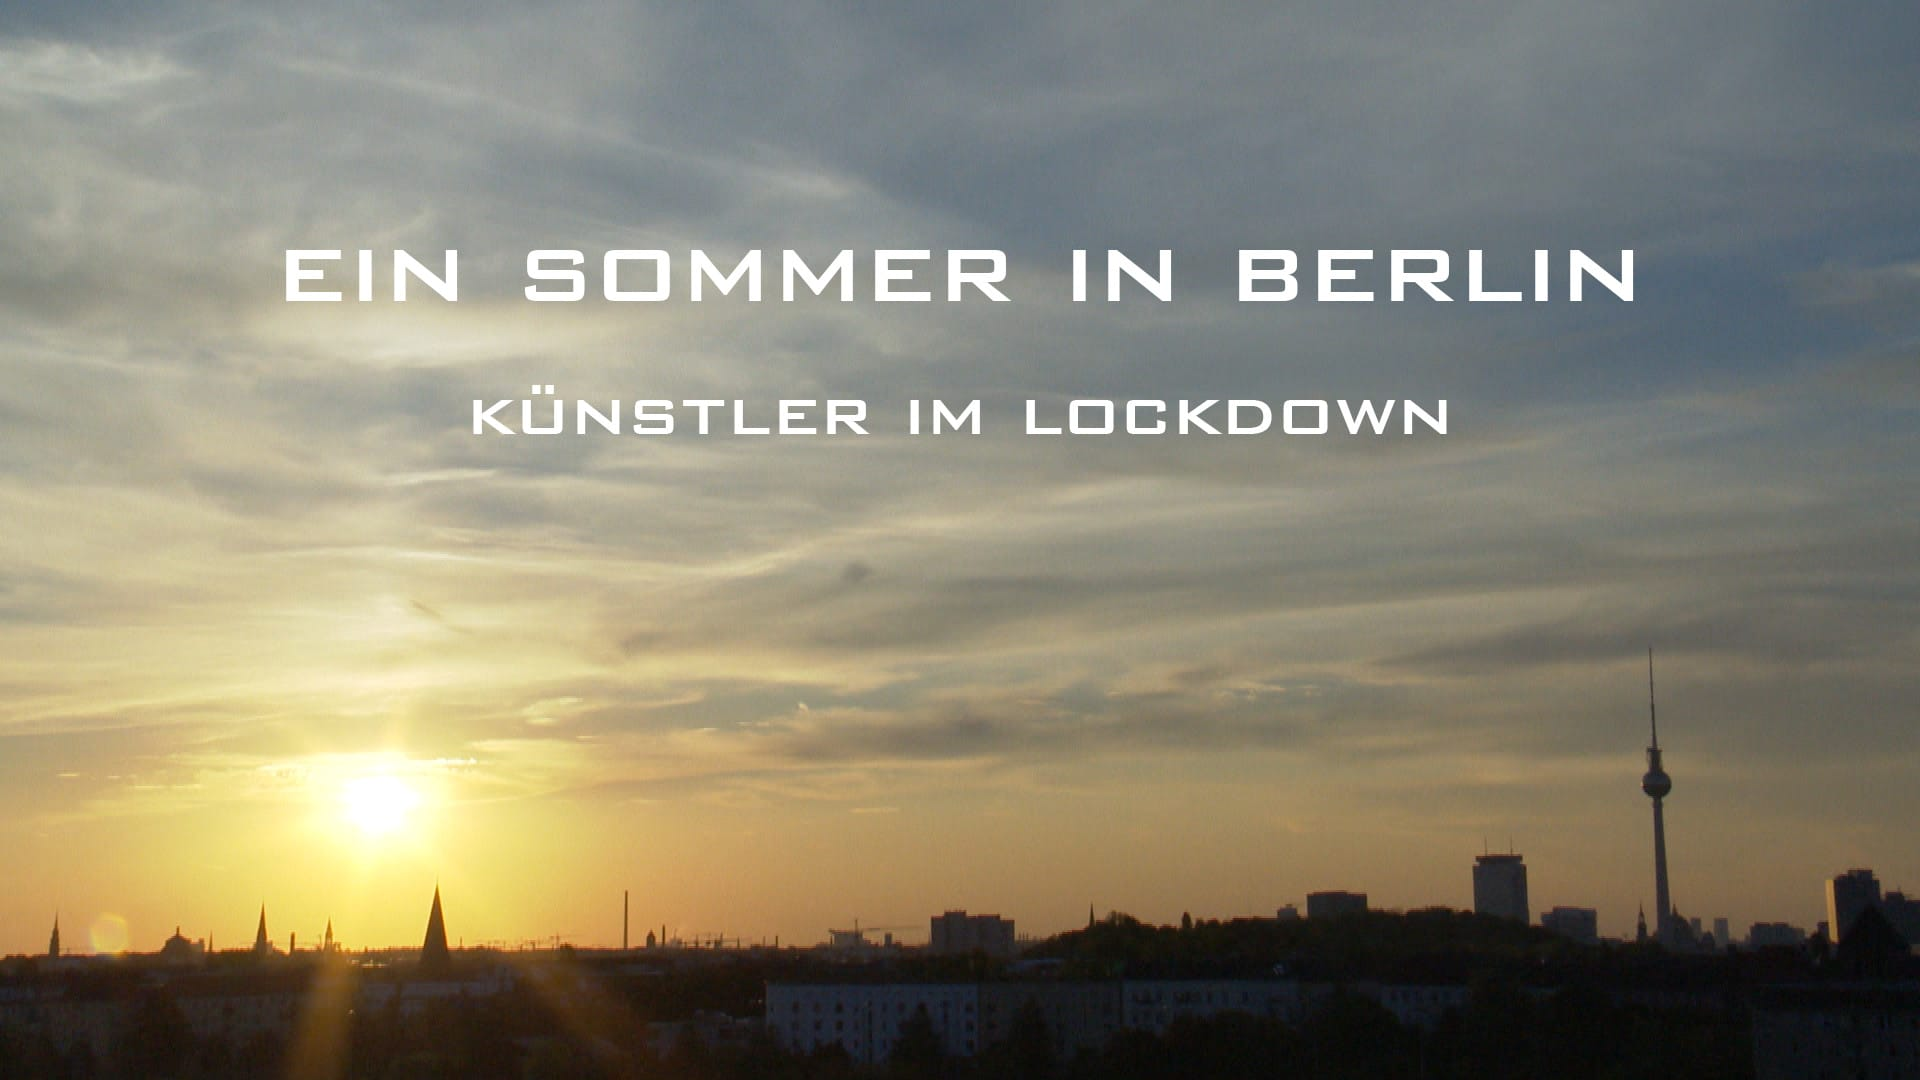 Ein Sommer in Berlin - Künstler im Lockdown | Dokumentarfilm